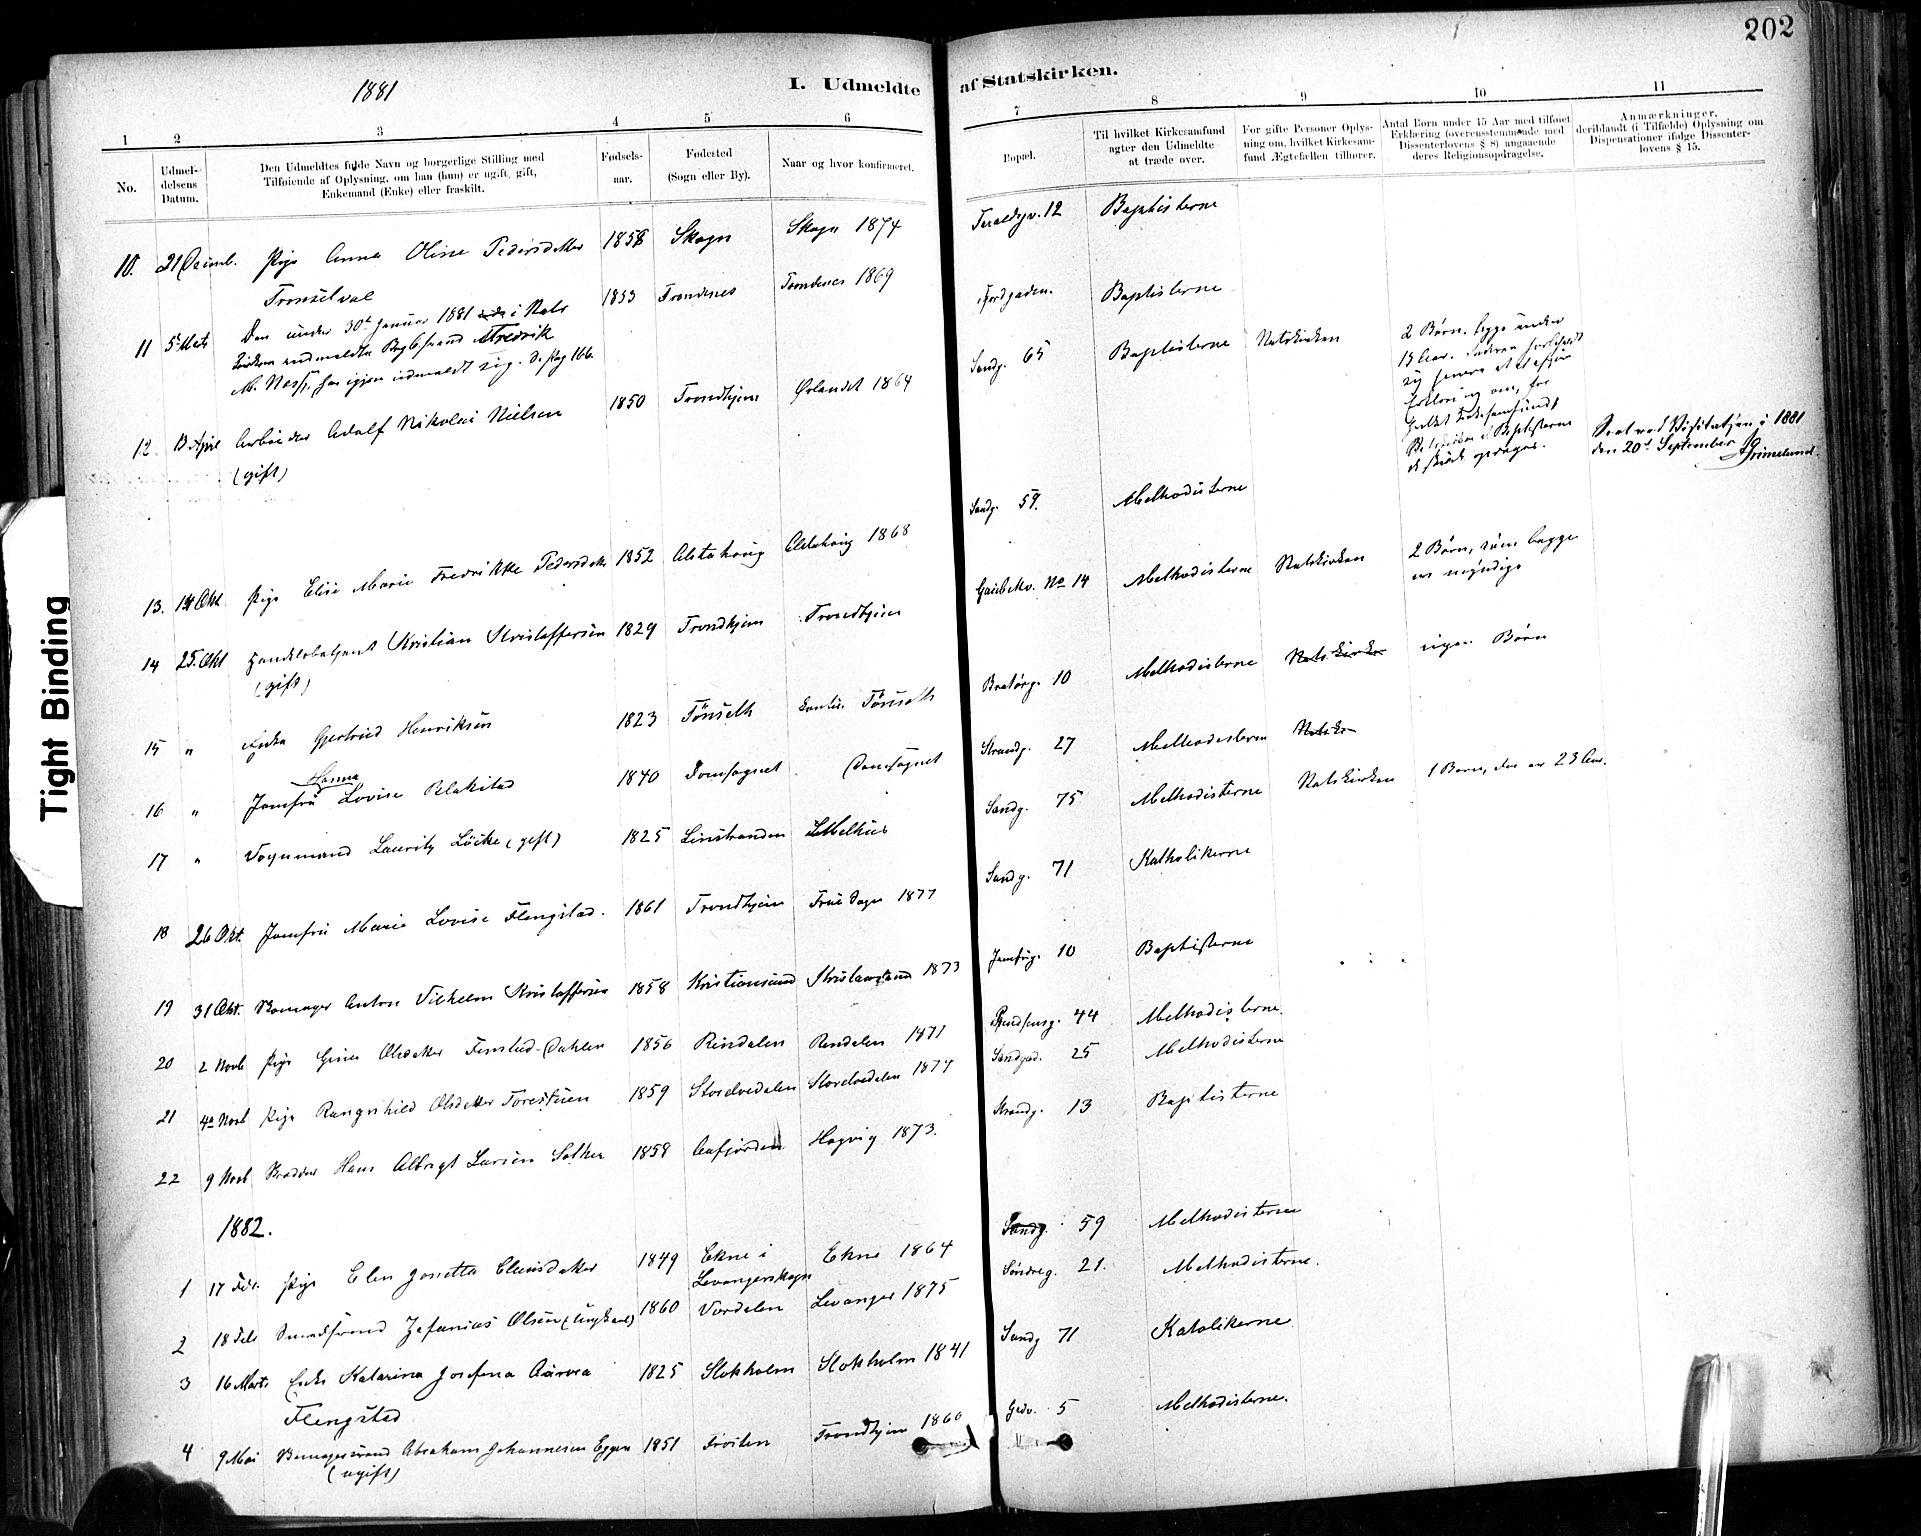 SAT, Ministerialprotokoller, klokkerbøker og fødselsregistre - Sør-Trøndelag, 602/L0120: Ministerialbok nr. 602A18, 1880-1913, s. 202